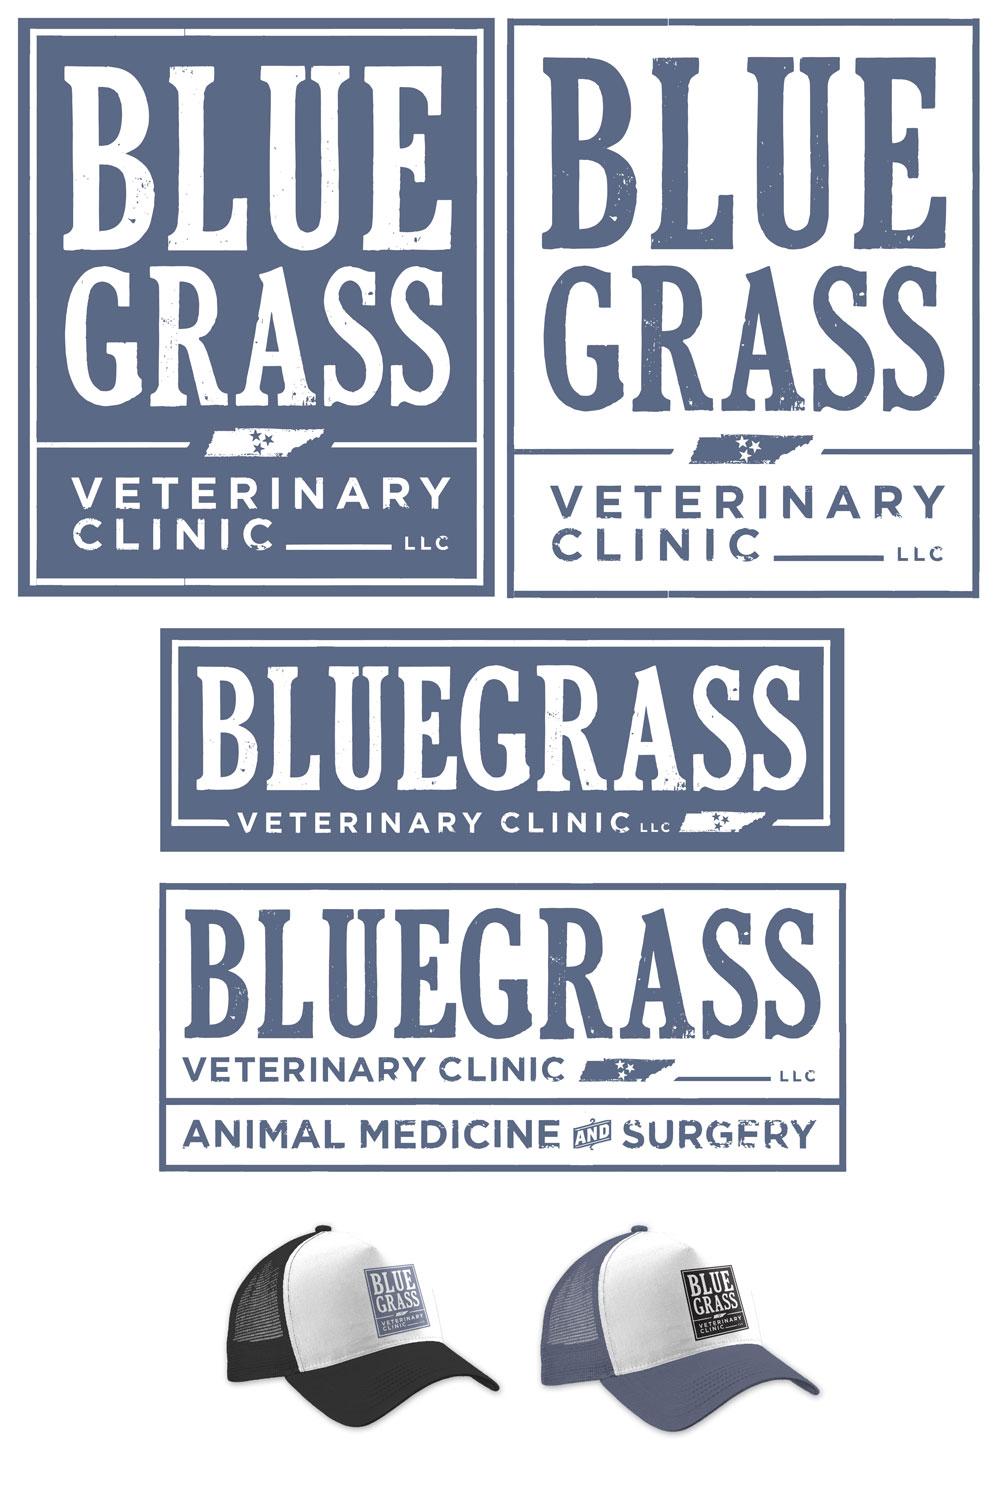 Bluegrass_Vet.jpg